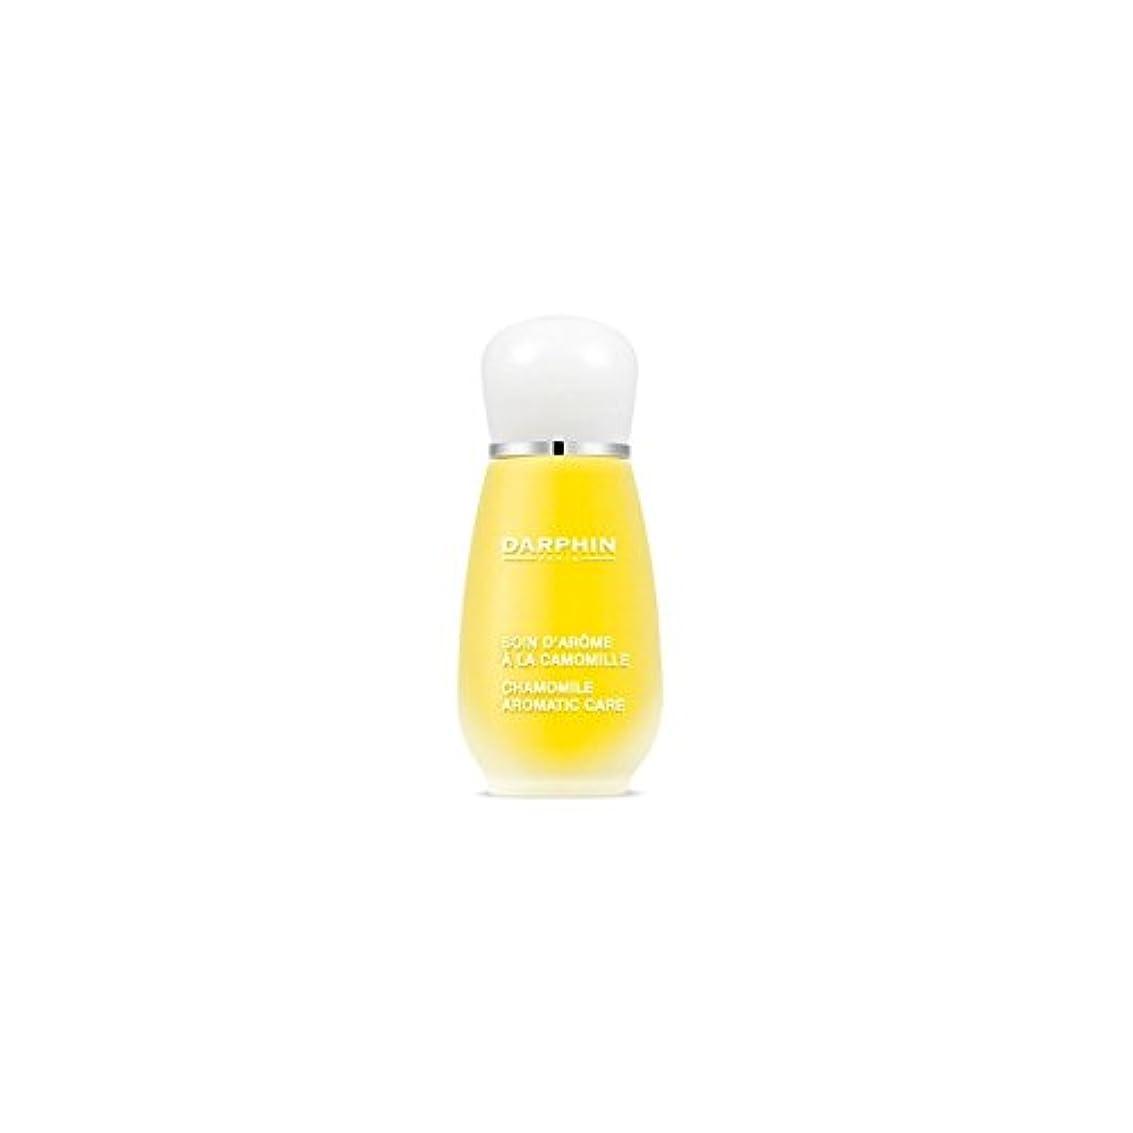 社交的不名誉気づくなるダルファンカモミール芳香ケア(15ミリリットル) x2 - Darphin Chamomile Aromatic Care (15ml) (Pack of 2) [並行輸入品]